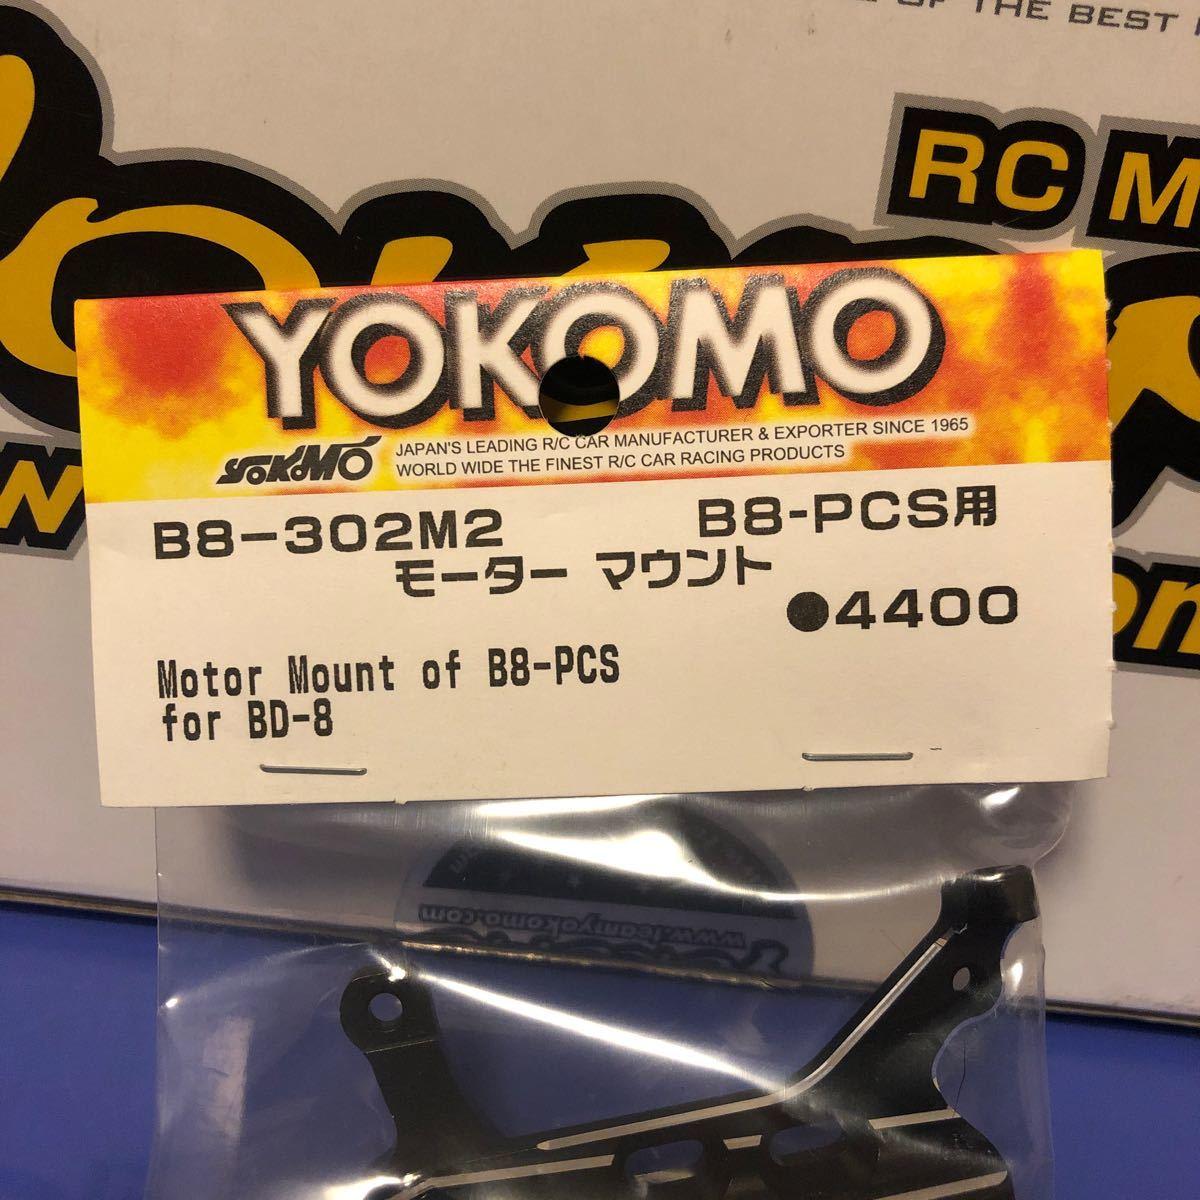 ヨコモ BD8 B8-302M2 B8-PSC用 モーターマウント 新品 未使用